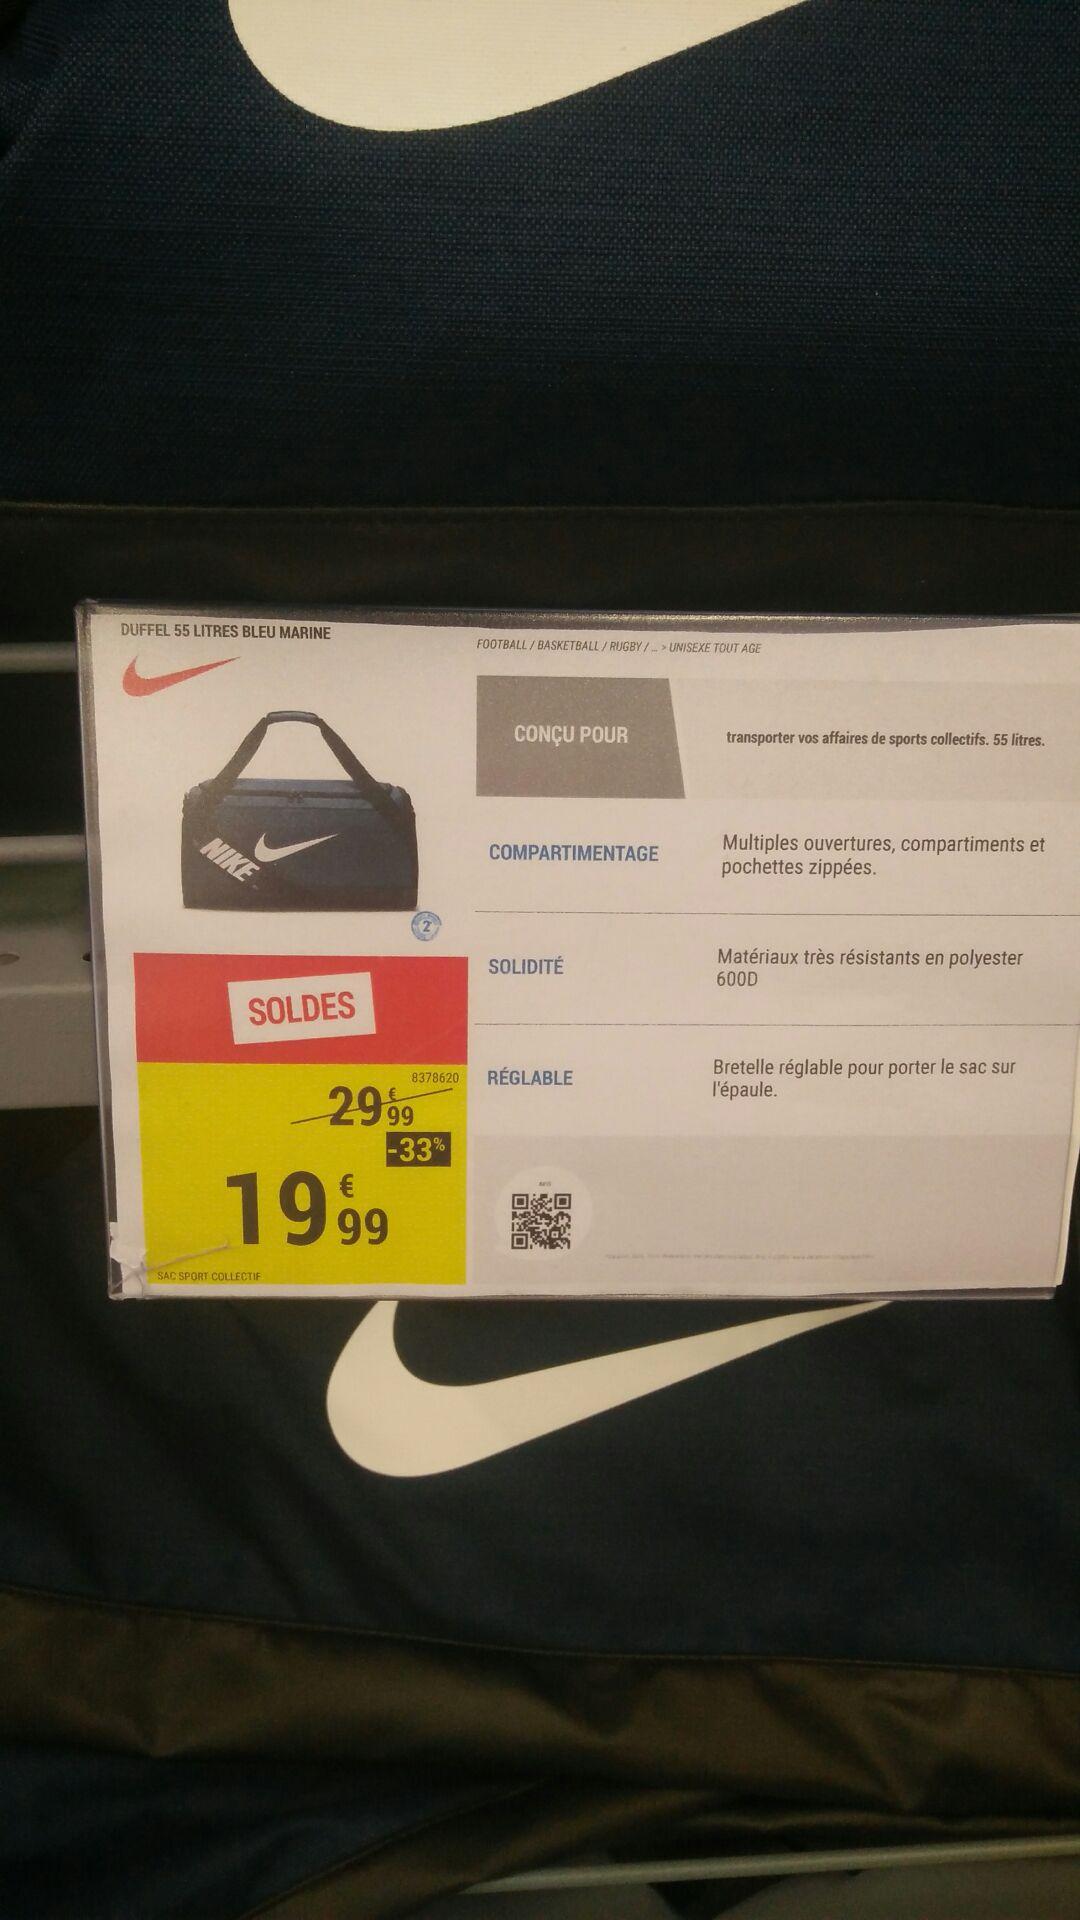 Sac Nike Brasilia 55l - Houdemont (54)